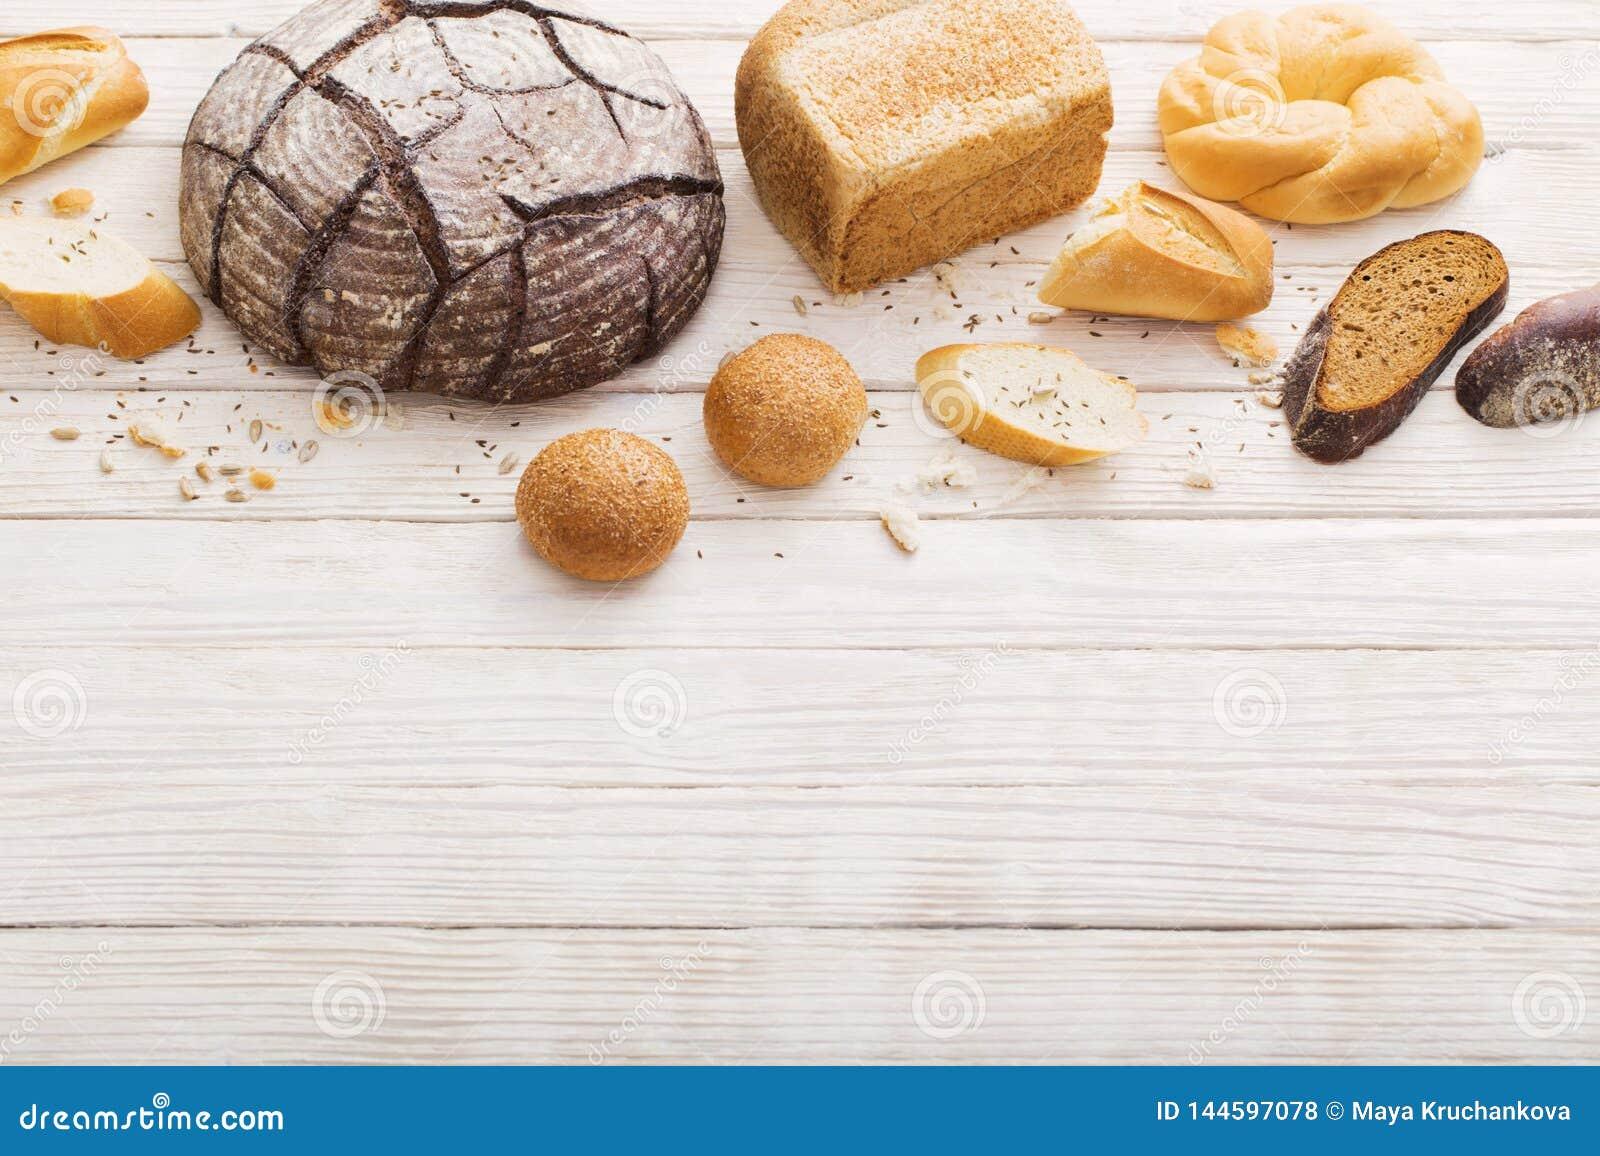 Διαφορετικοί τύποι ψωμιών στο ξύλινο υπόβαθρο